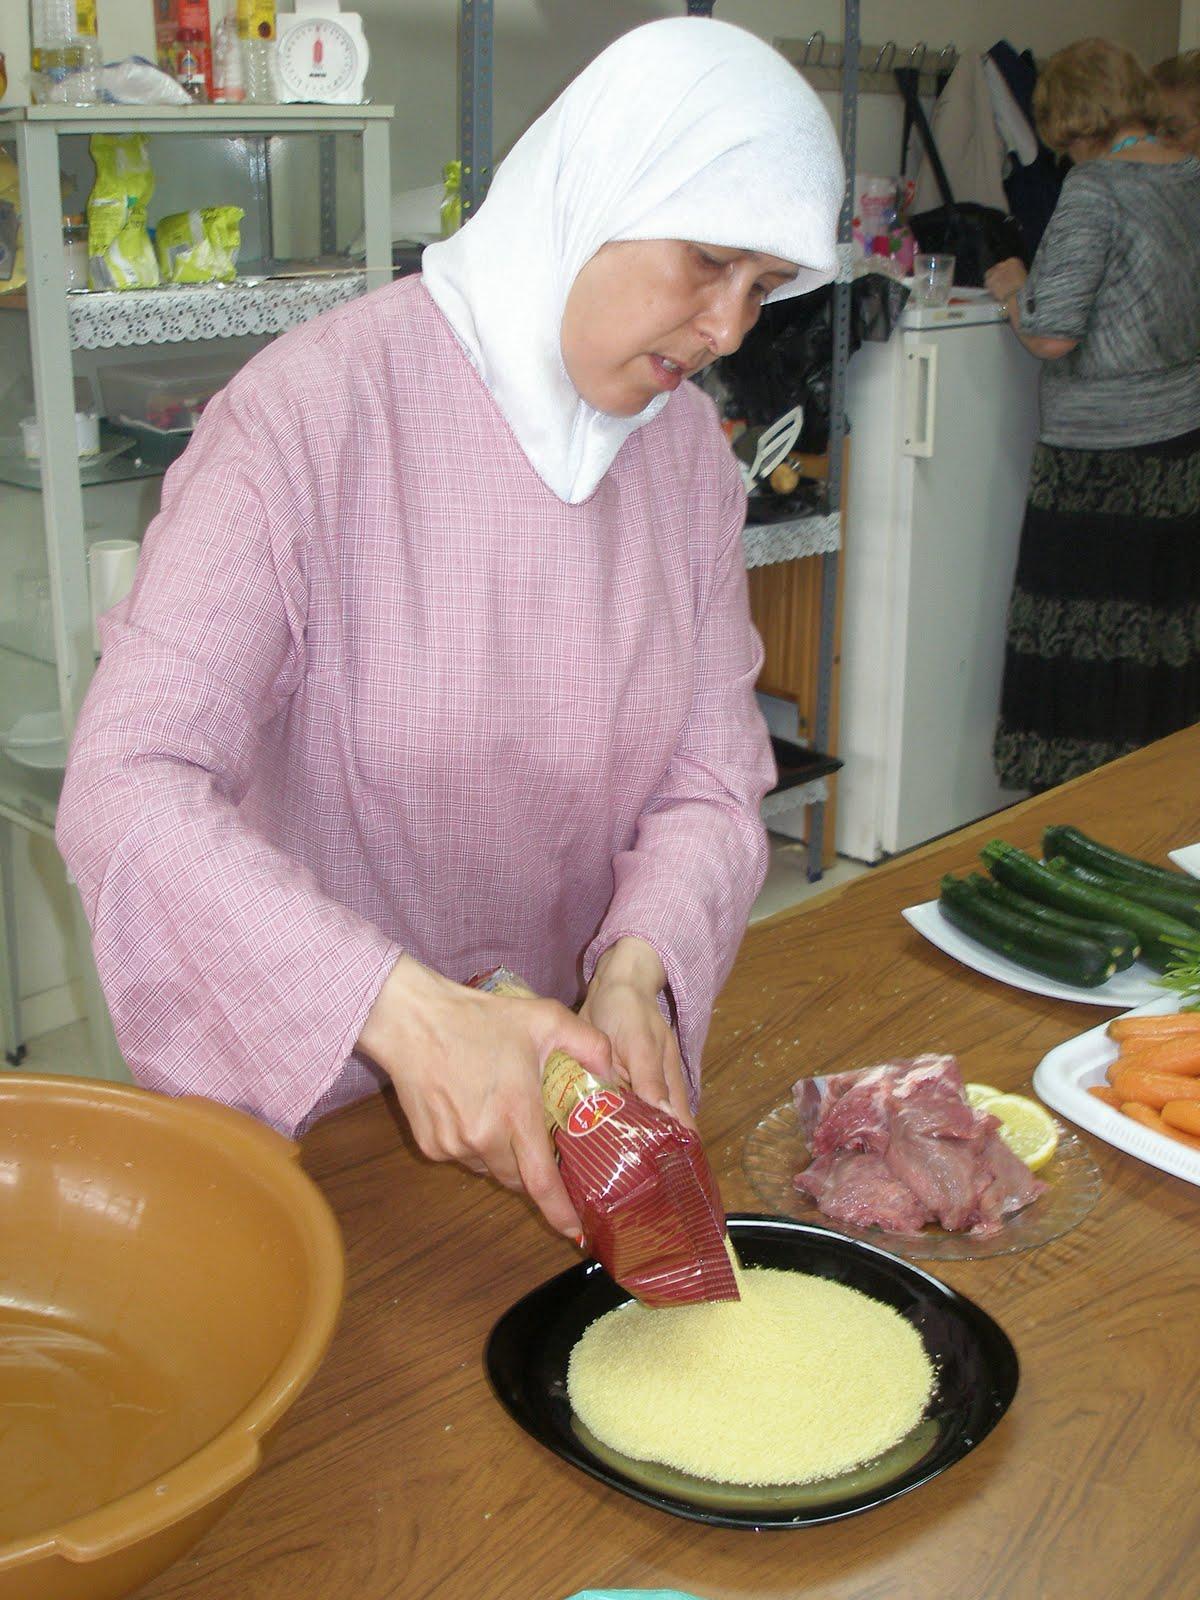 El blog de c ritas zaragoza primer post del curso de - Cursos de cocina zaragoza ...